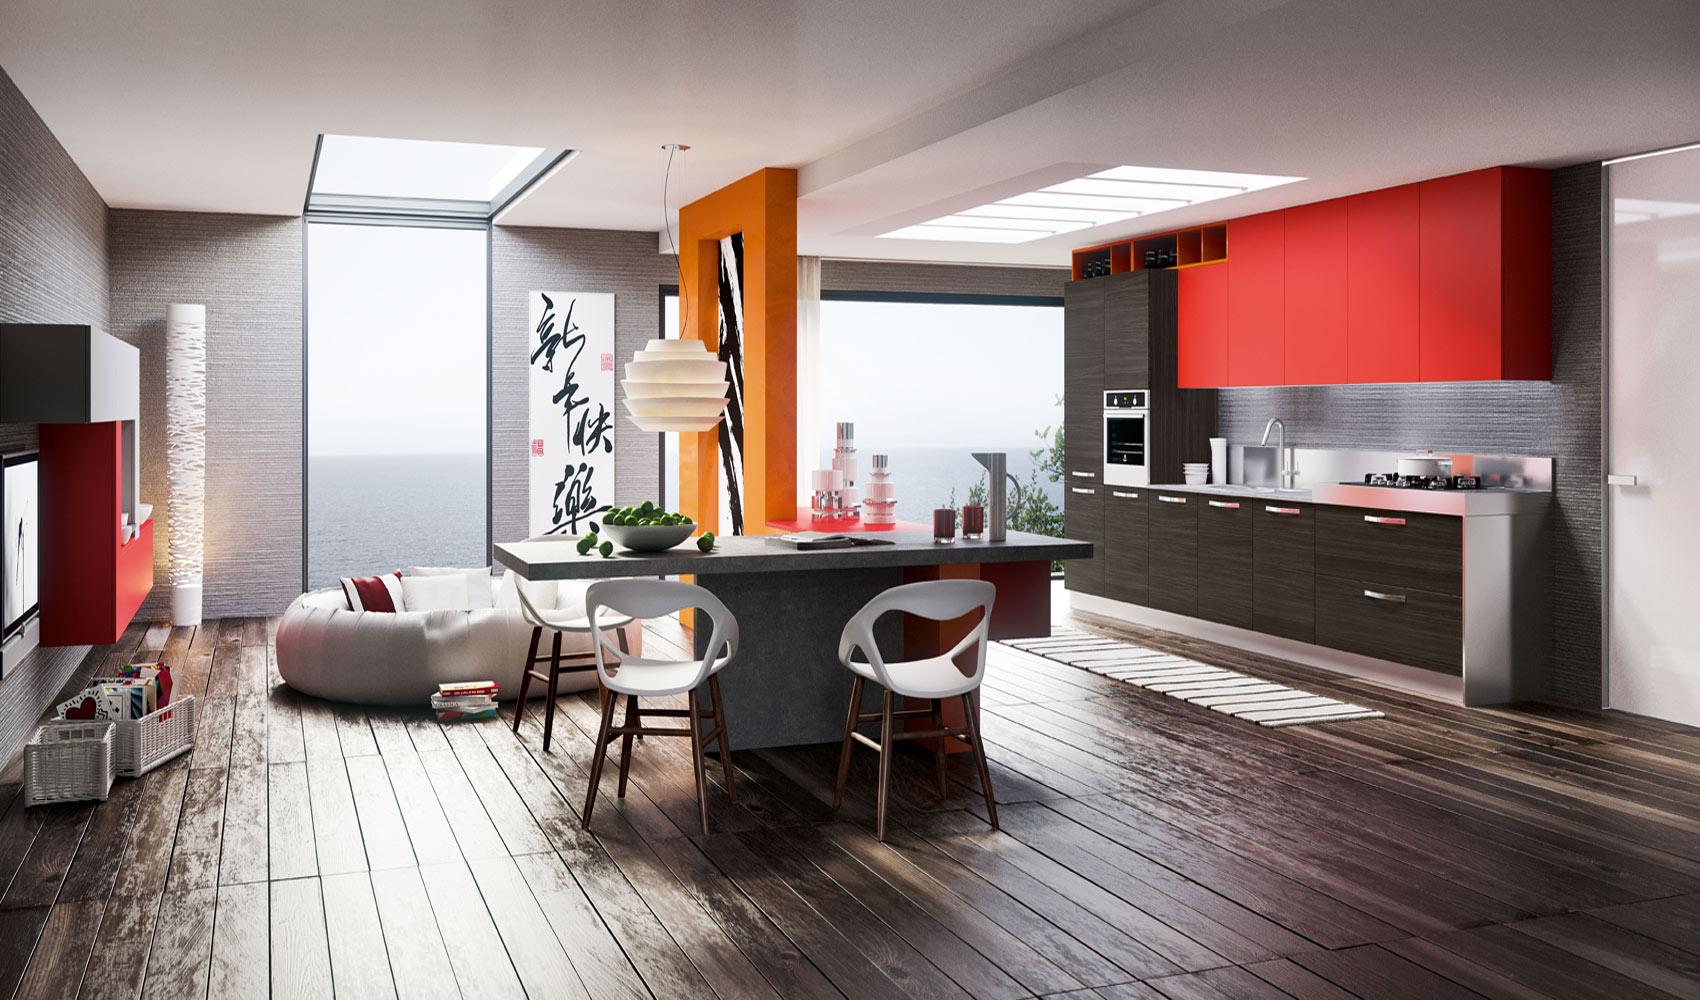 Dise o de cocinas modernas al estilo arte pop construye - Cocinas diseno moderno ...